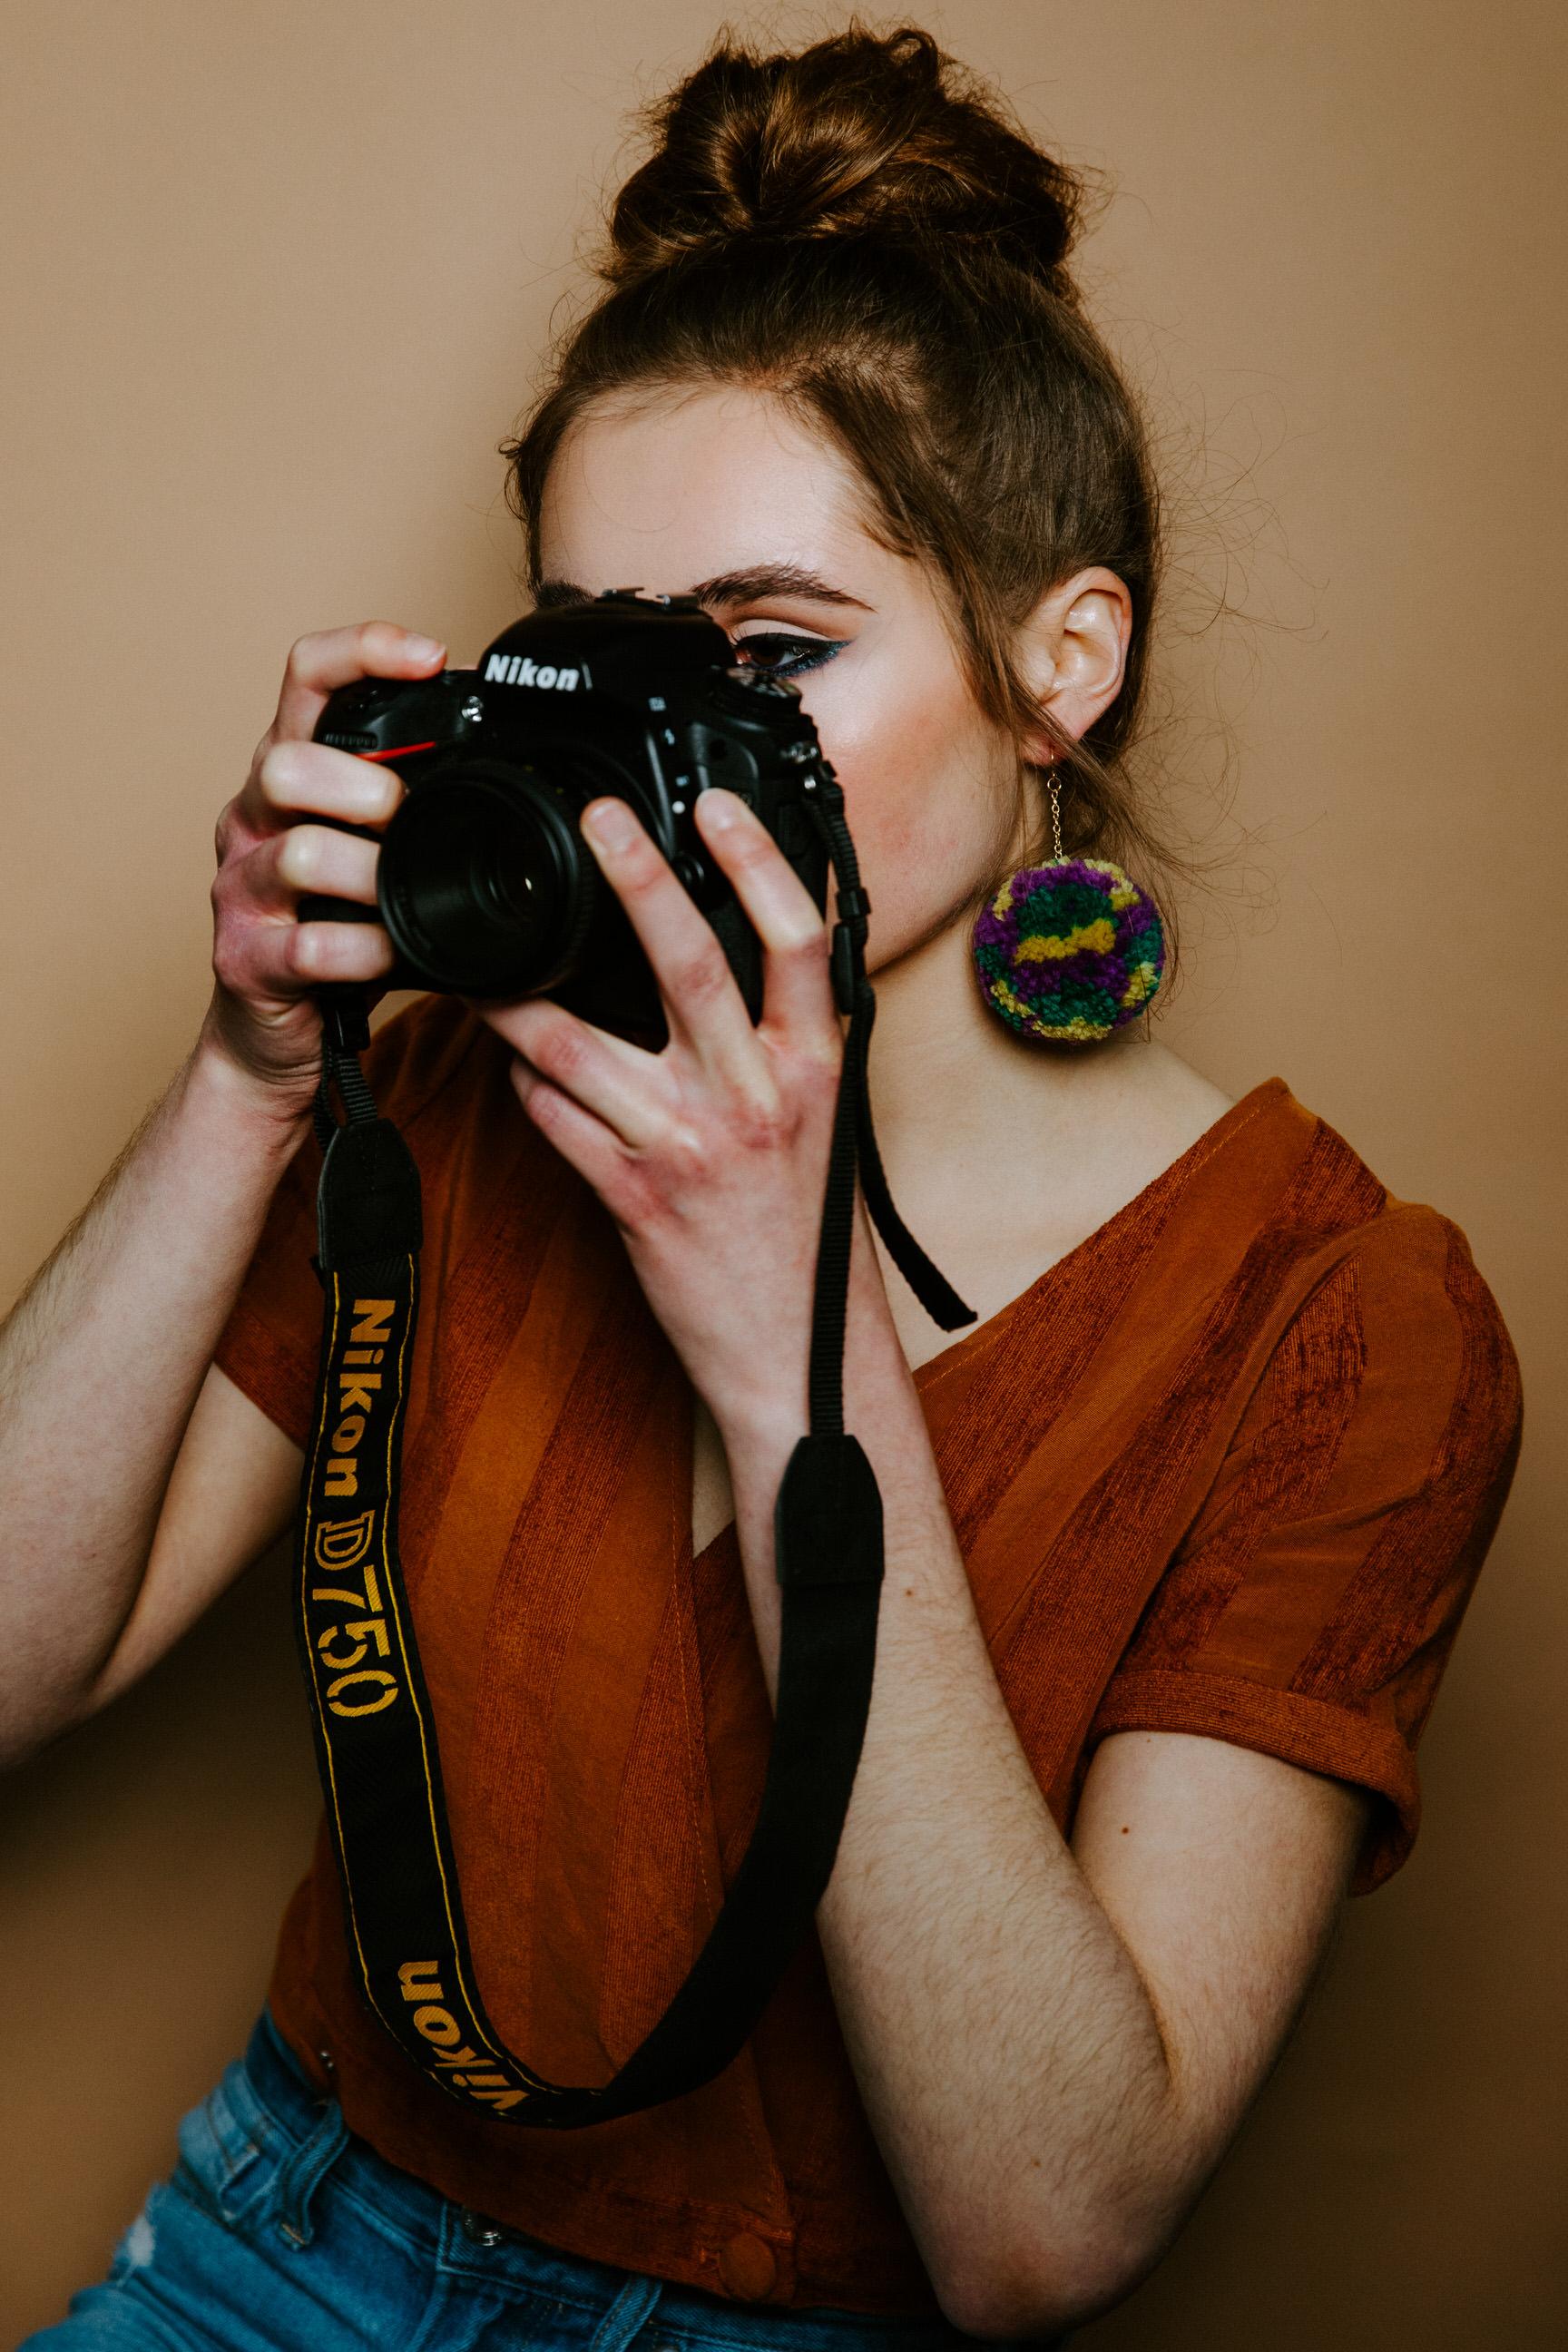 rebekah-earrings-8427.jpg